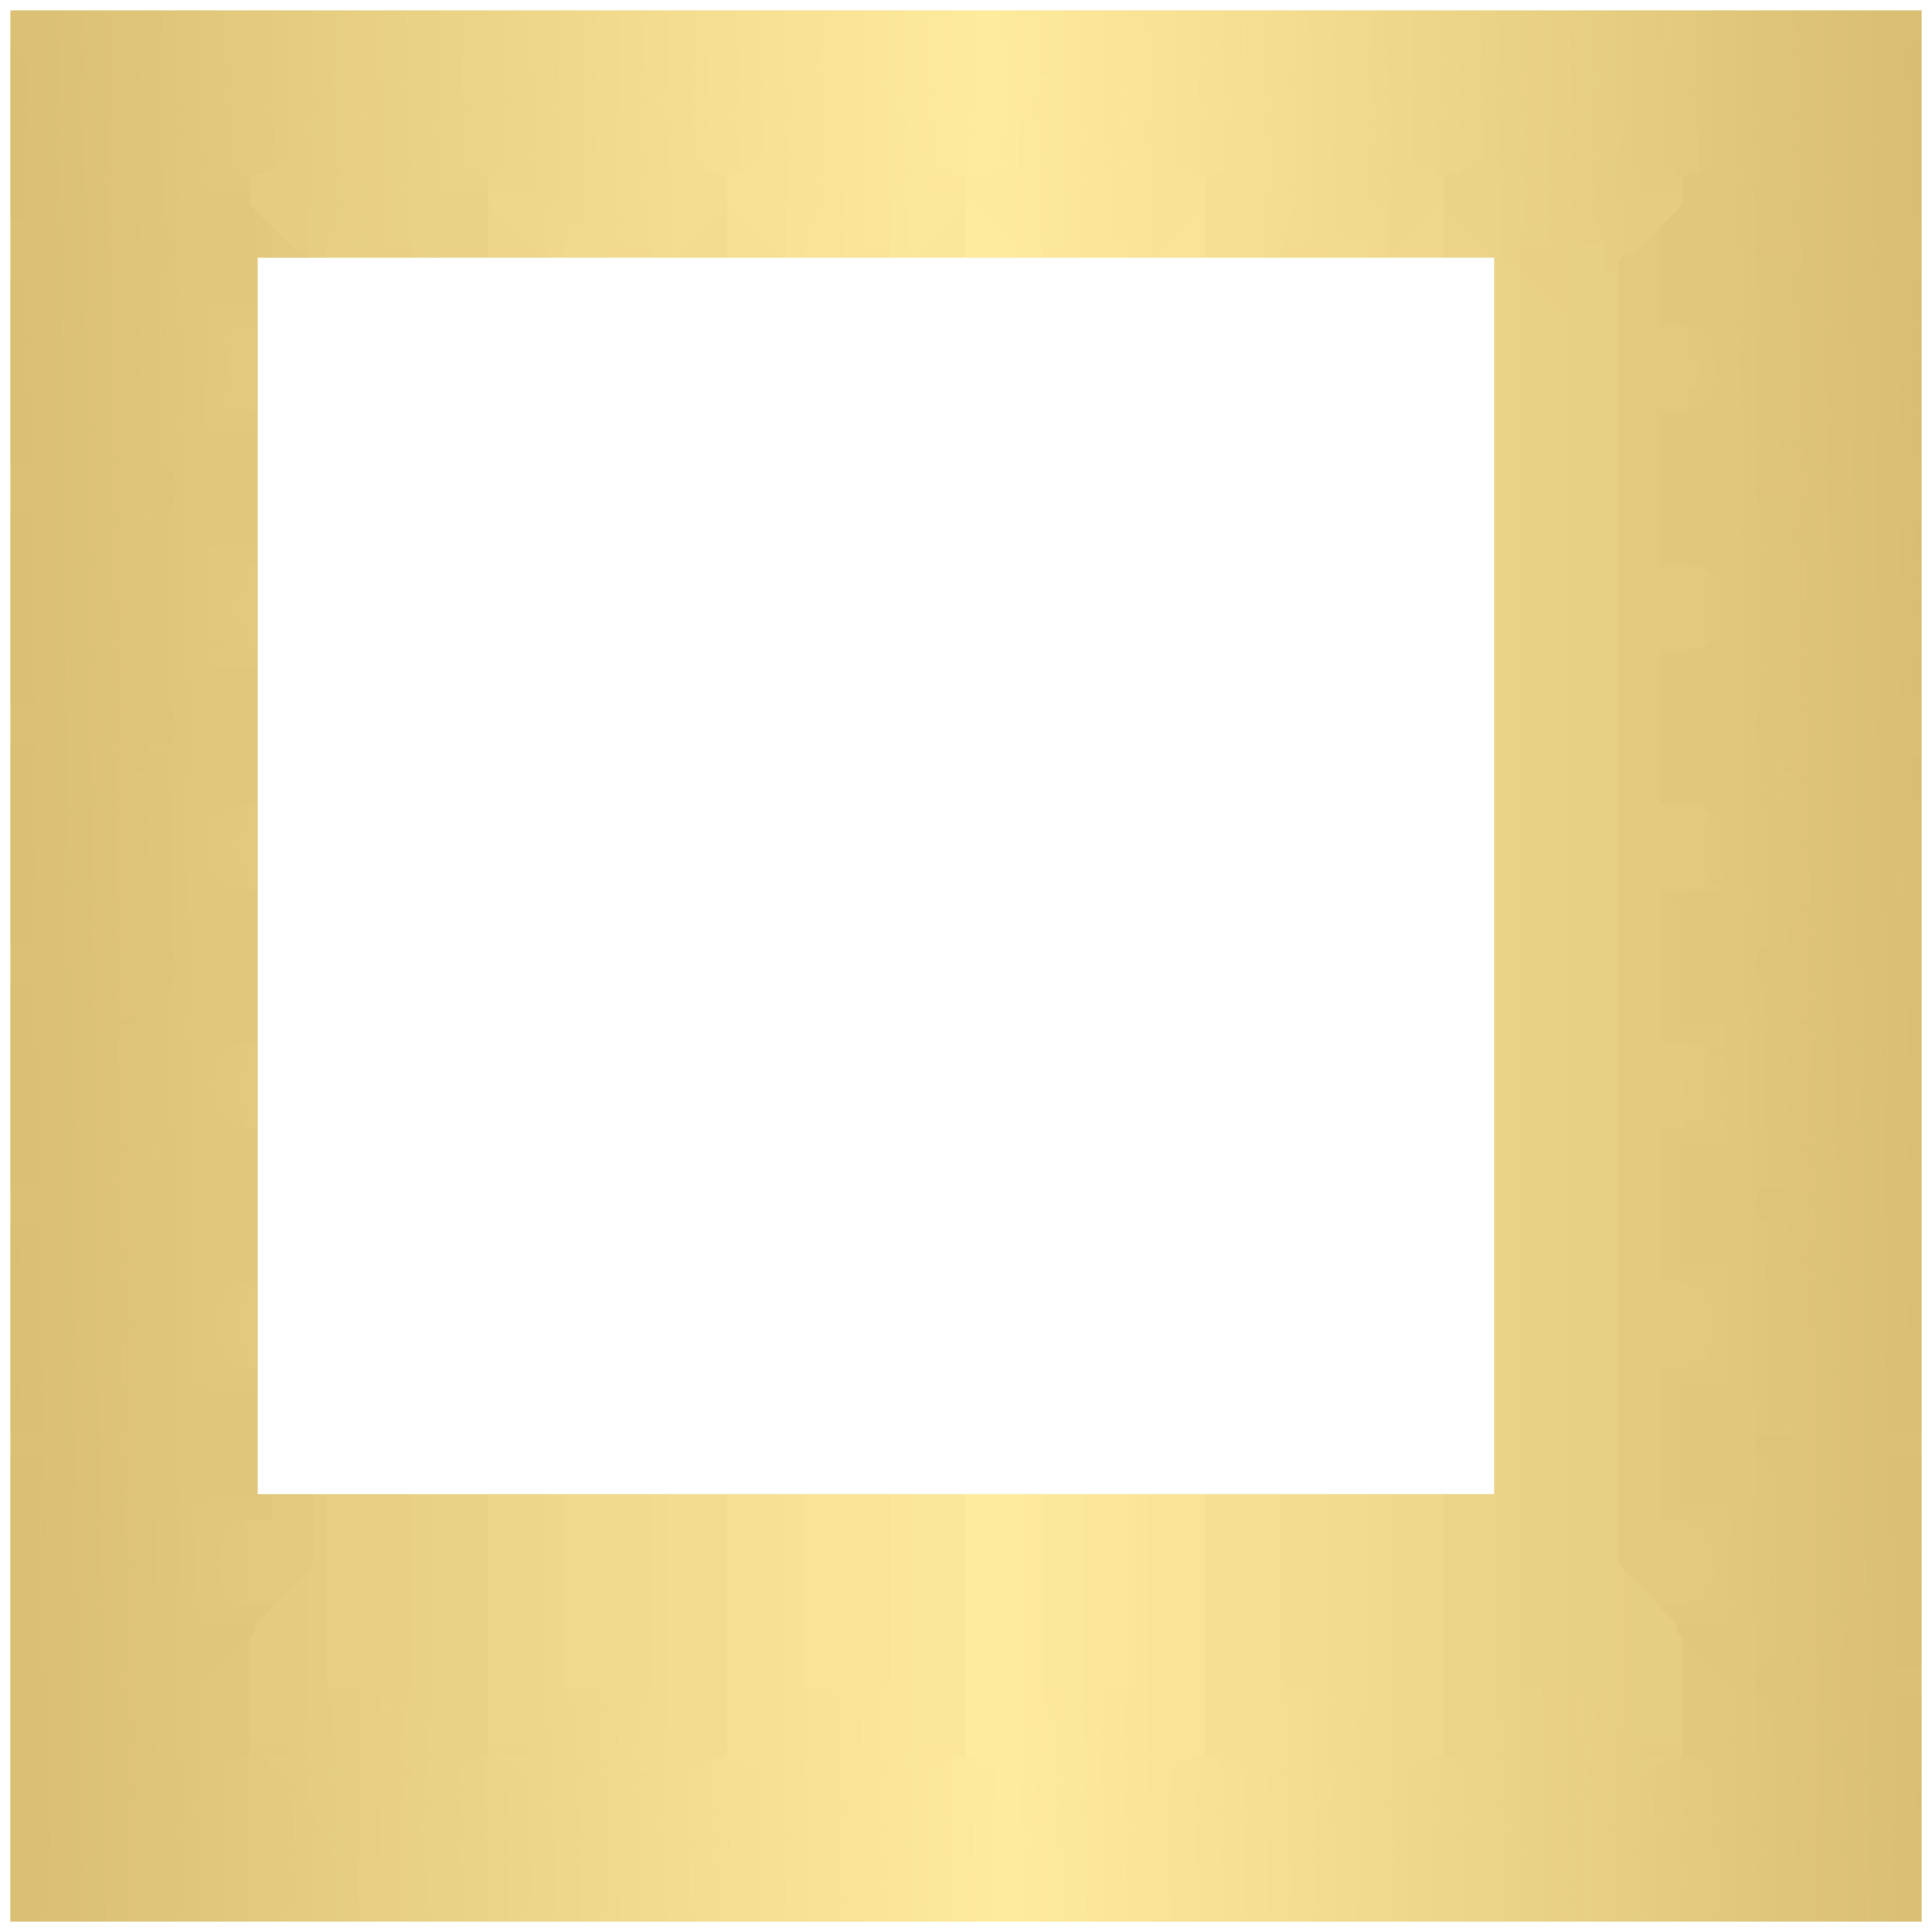 Deco border frame transparent. Lace clipart rectangle